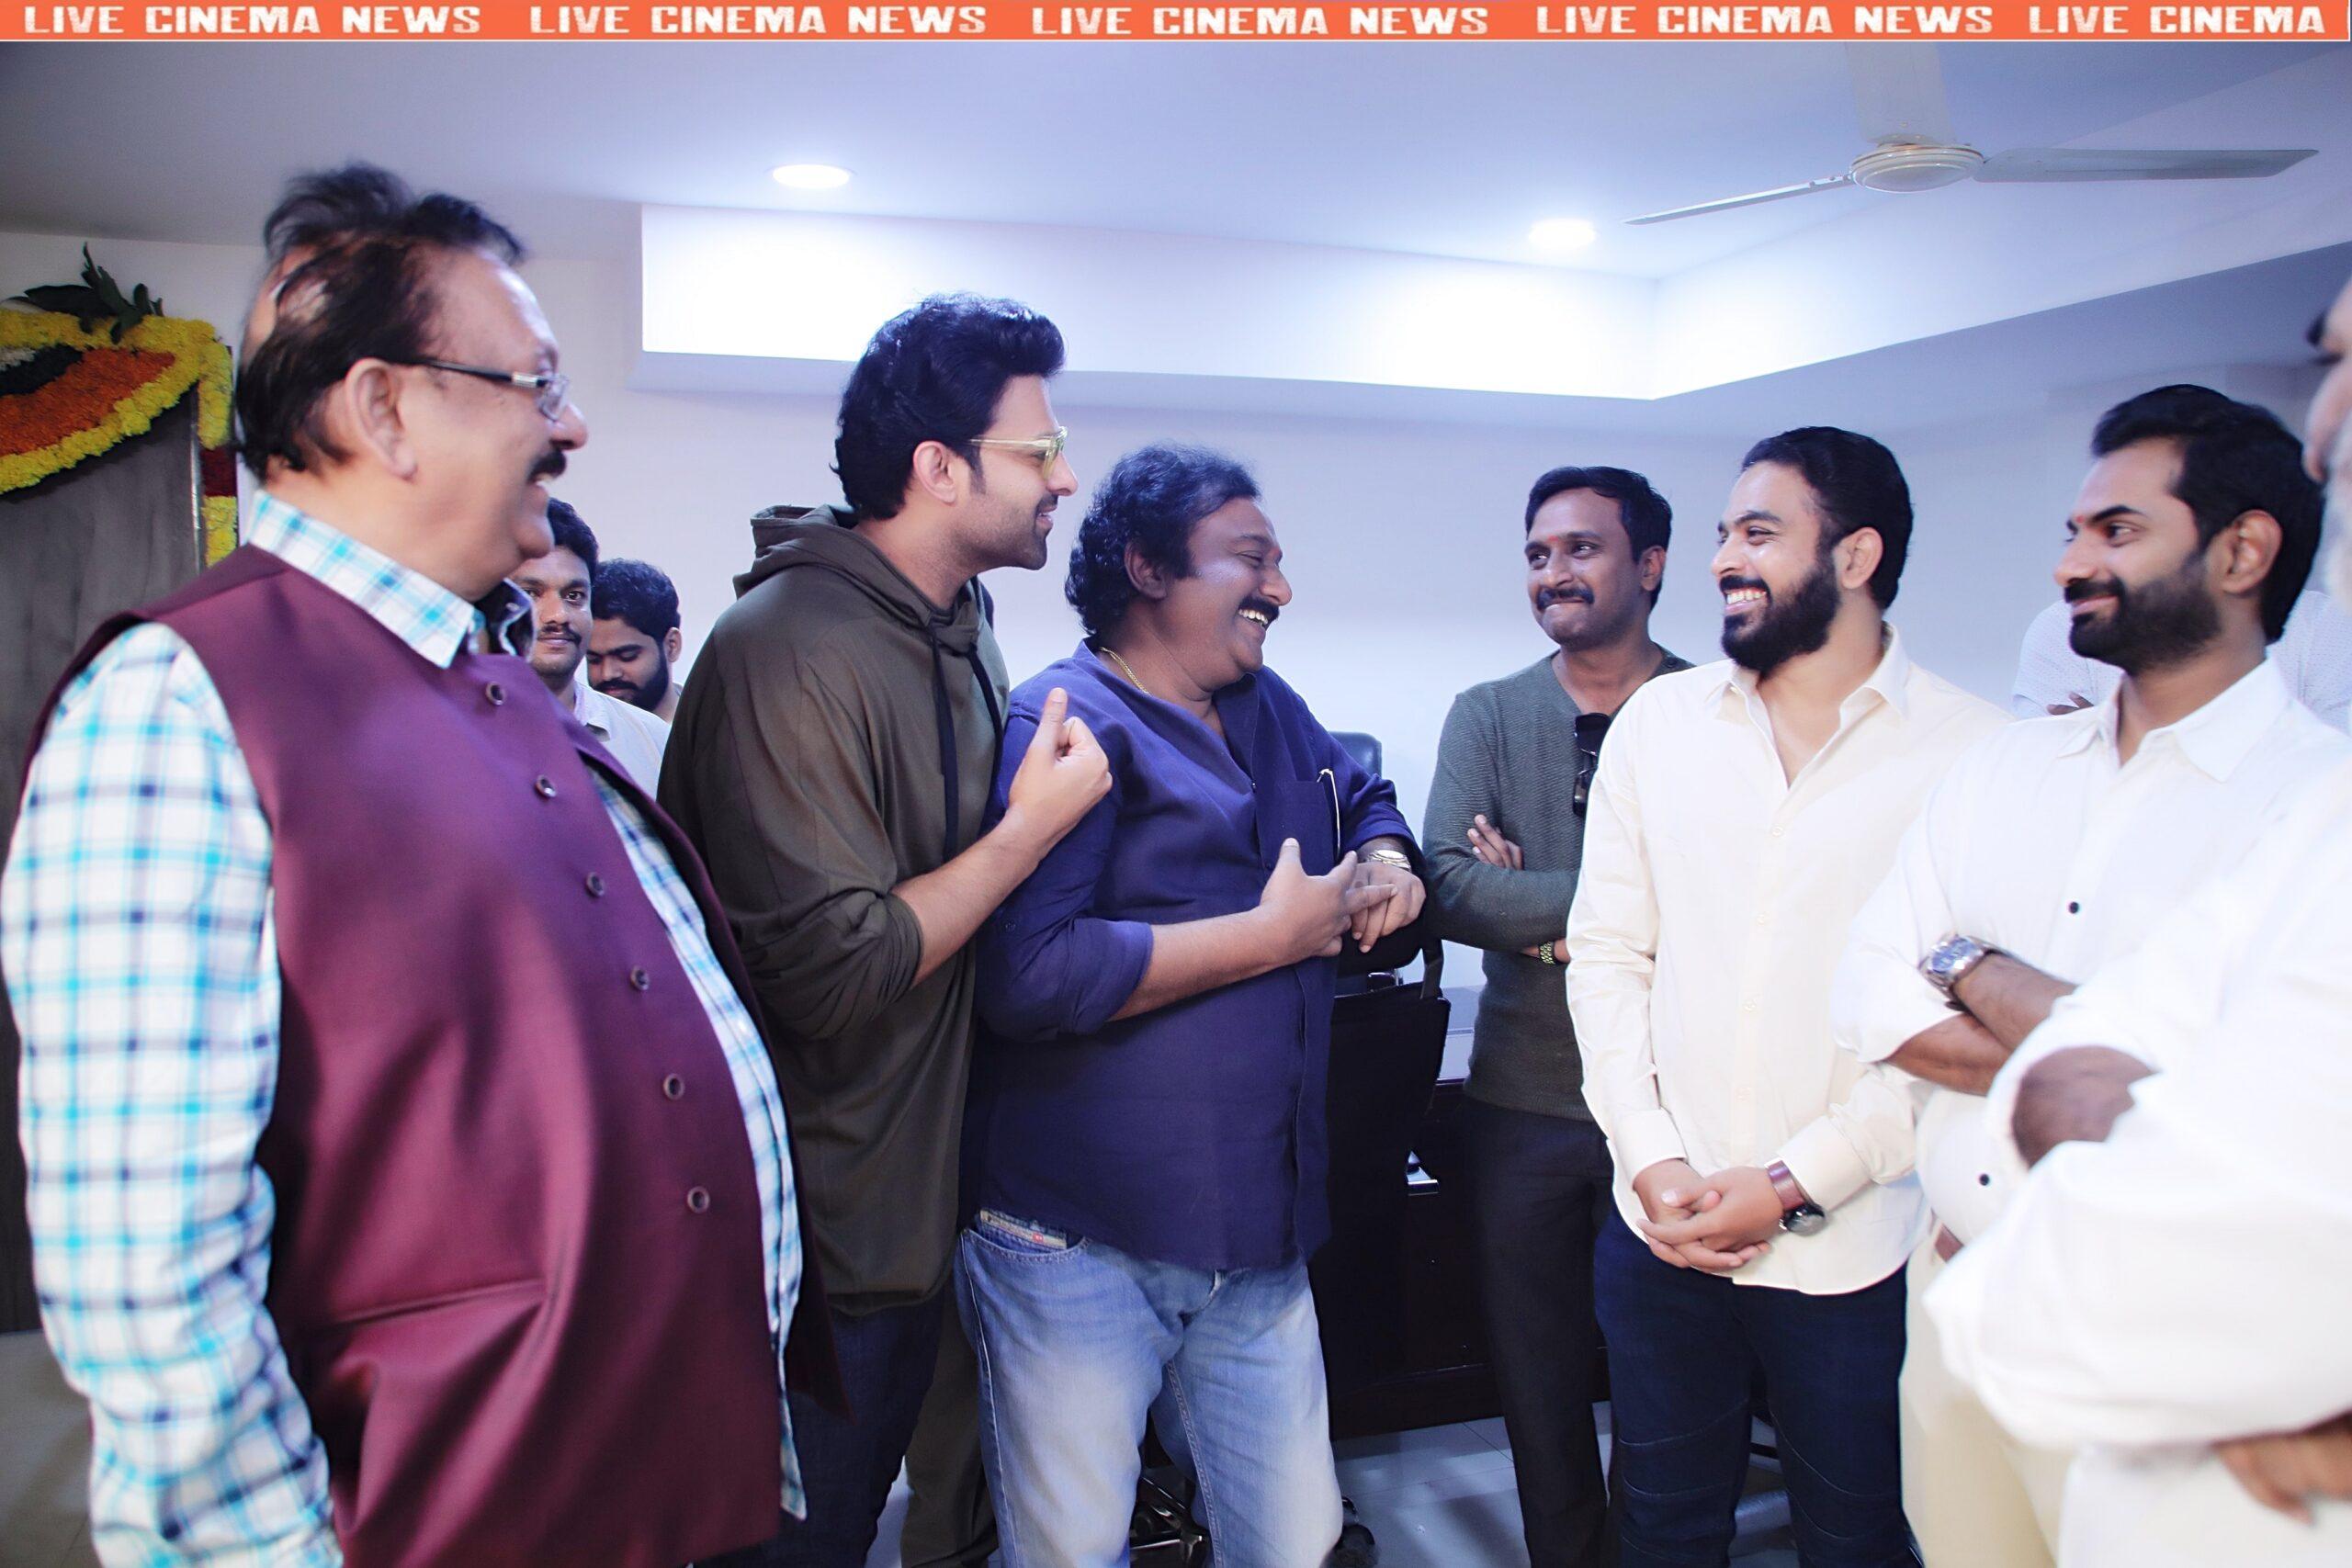 prabhas 20 movie (Pooja) opening ceremony - 4